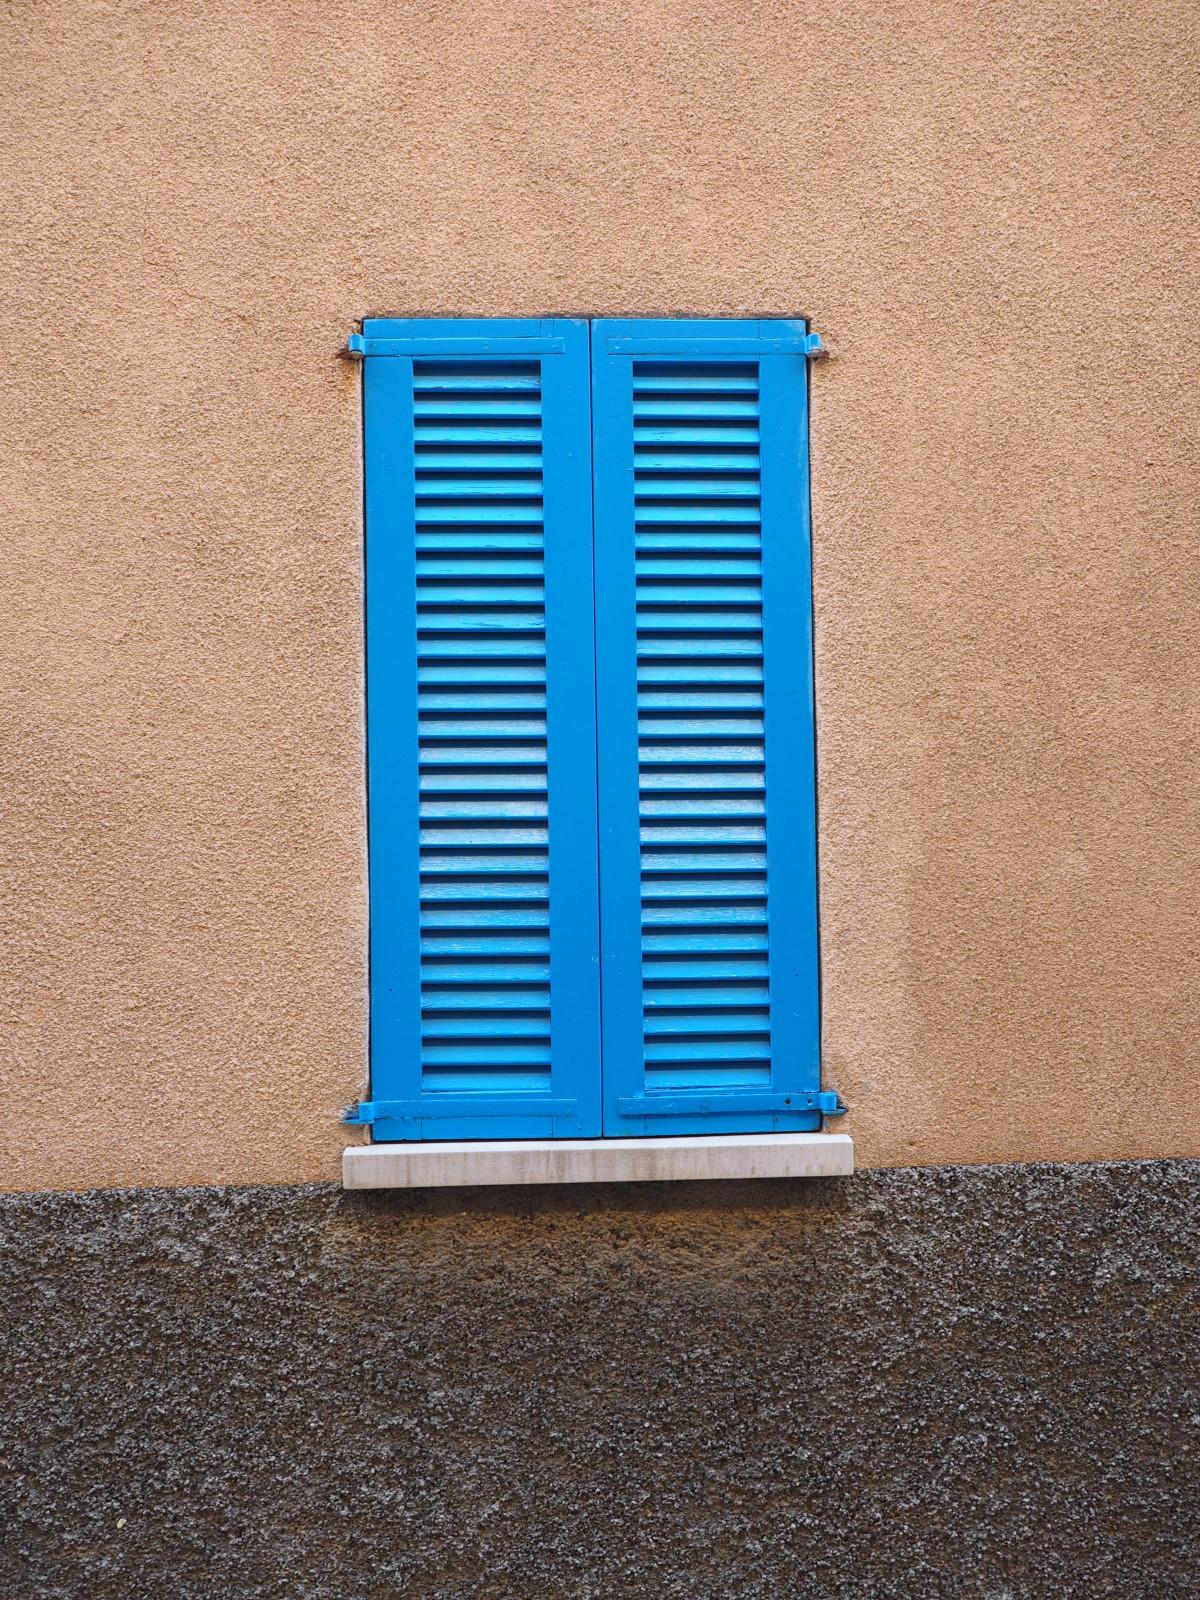 무료 이미지 : 목재, 창문, 건물, 집, 벽, 녹색, 빨간, 푸른, 가구 ...